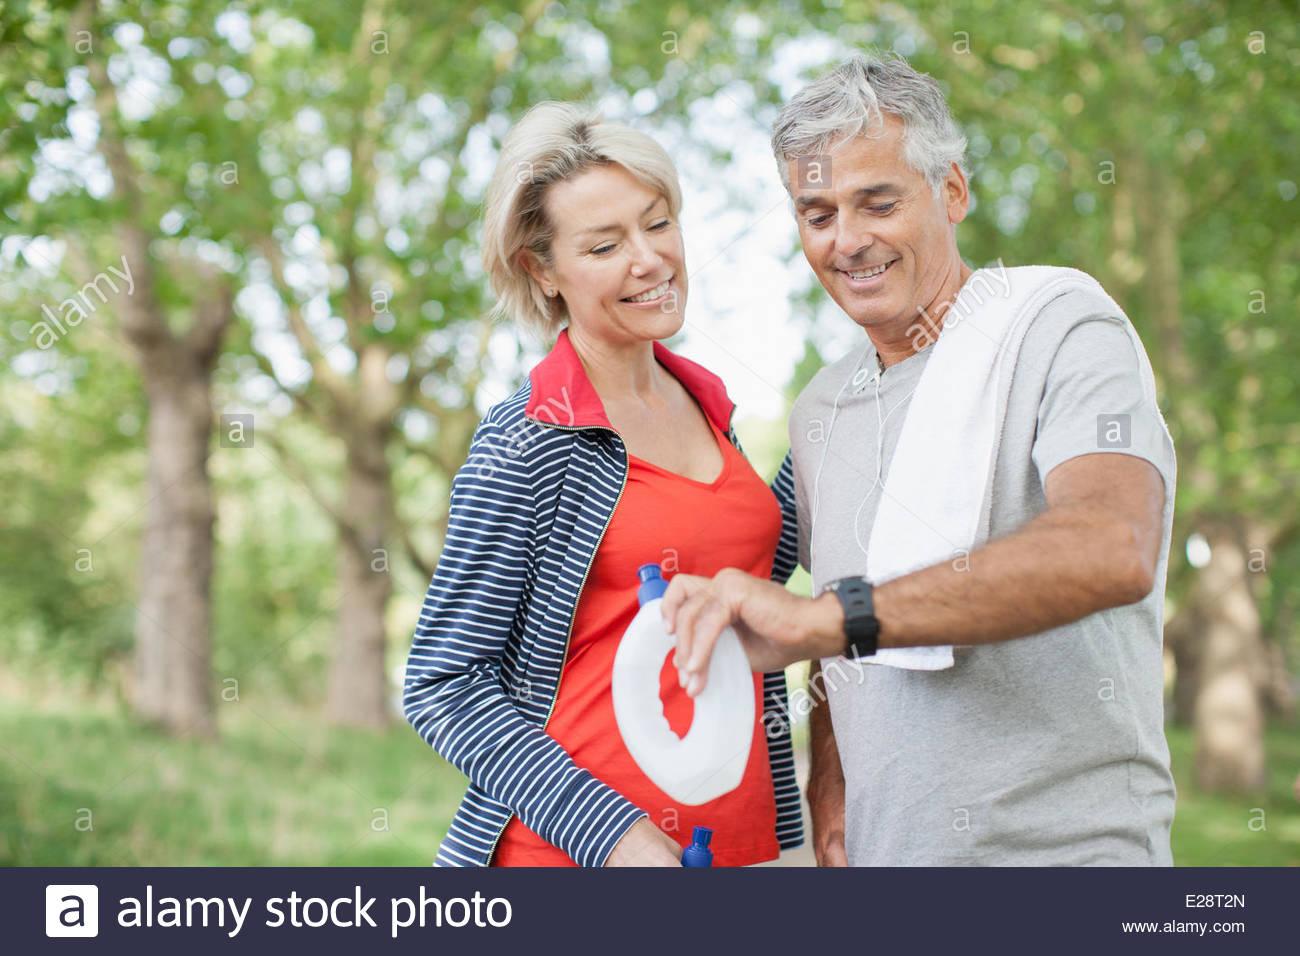 Paar halten Wasser Flaschen zusammen trainieren Stockbild